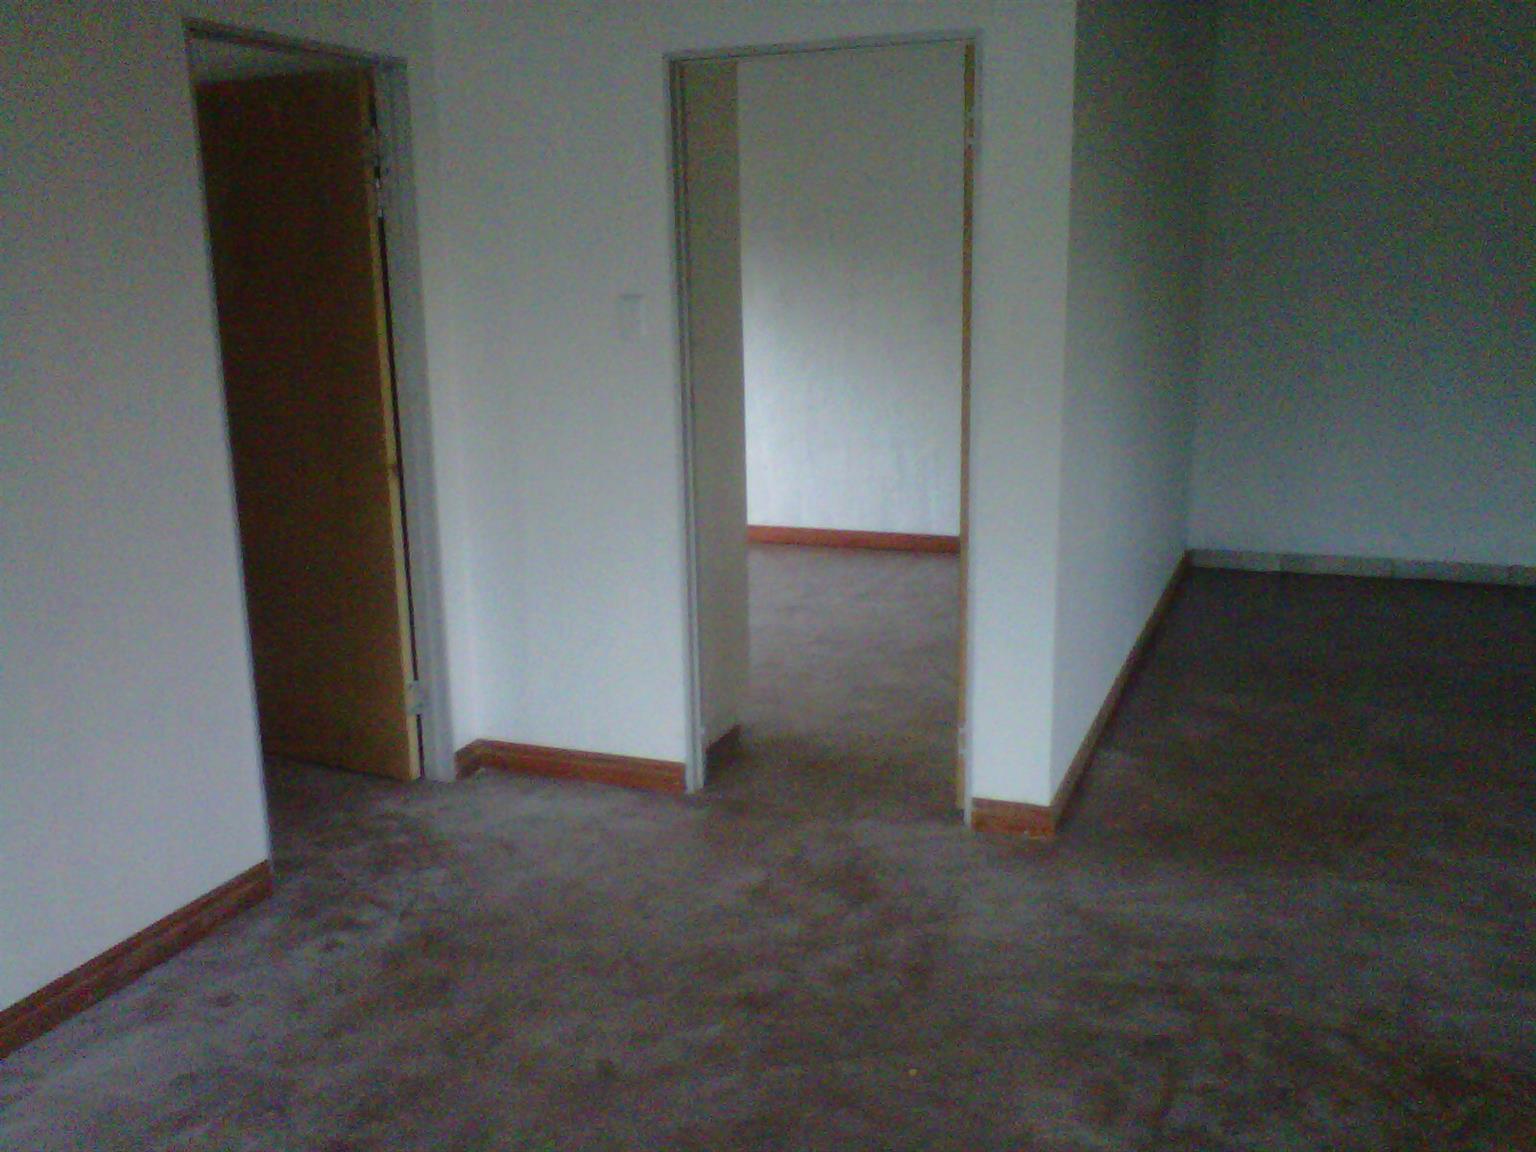 Rental: 1 bedroom upstairs flatlet Rental, on plot in Mnandi (between Midrand and Wierda Park)